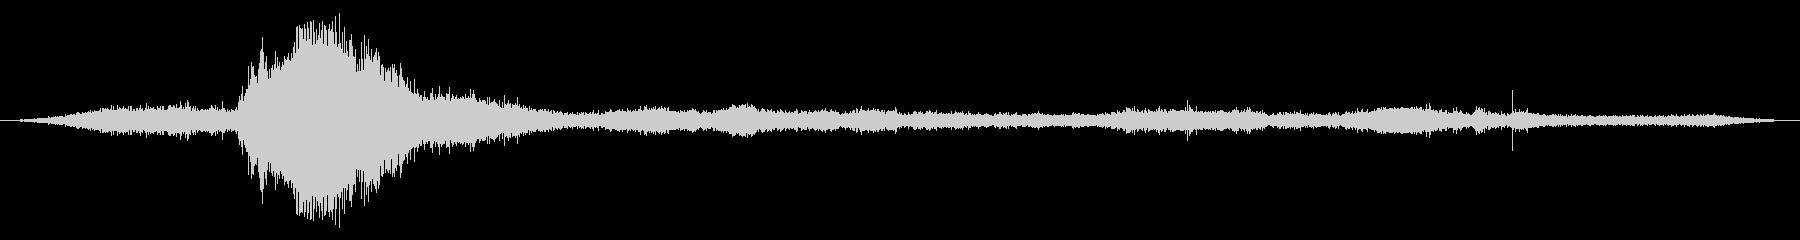 内線:アイドル、短距離のプル、ター...の未再生の波形